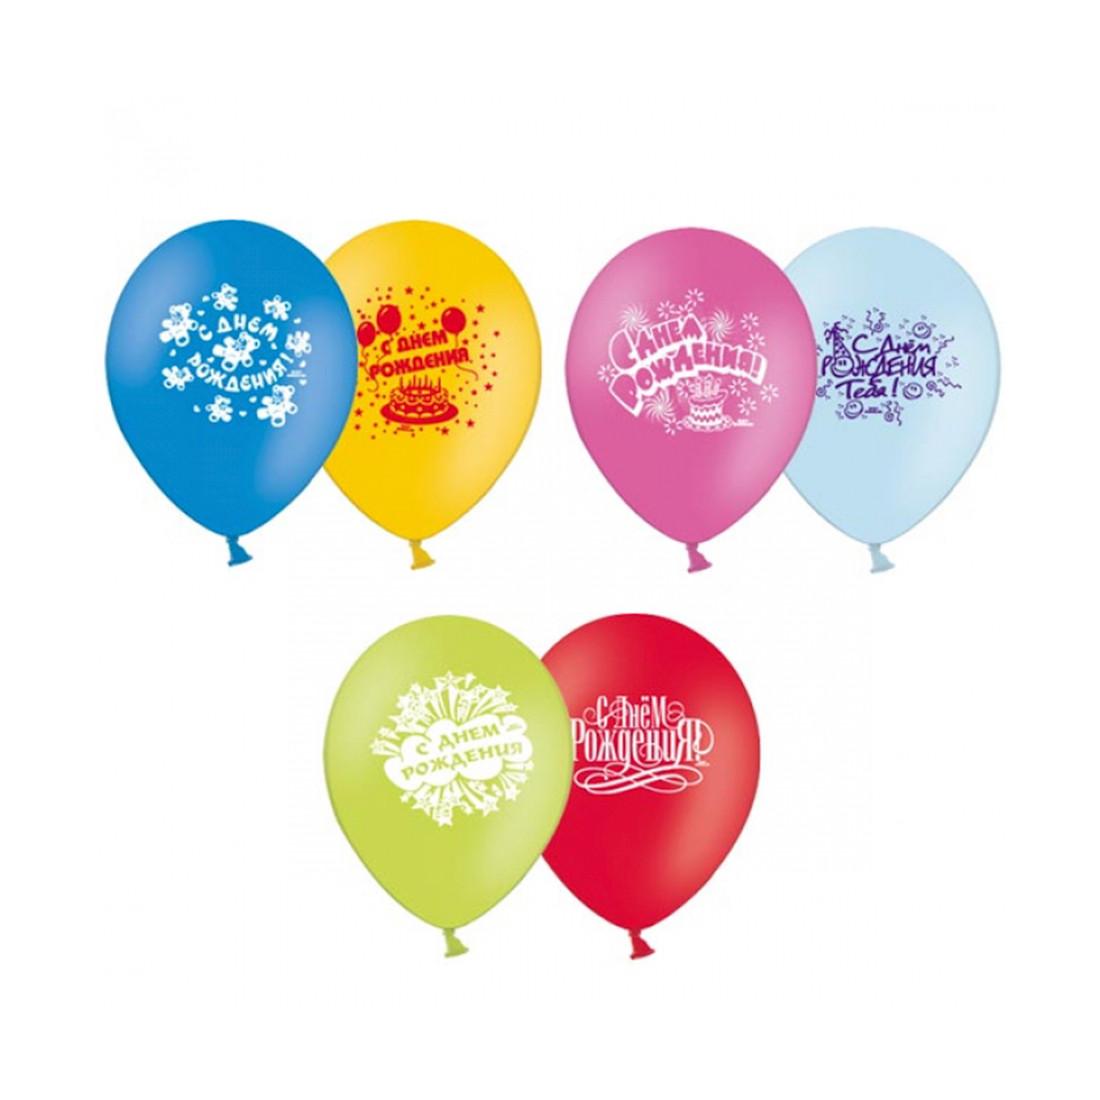 Воздушные шарики 1111-0036 (1111-0840) (5 шт. в пакете) - фото 1